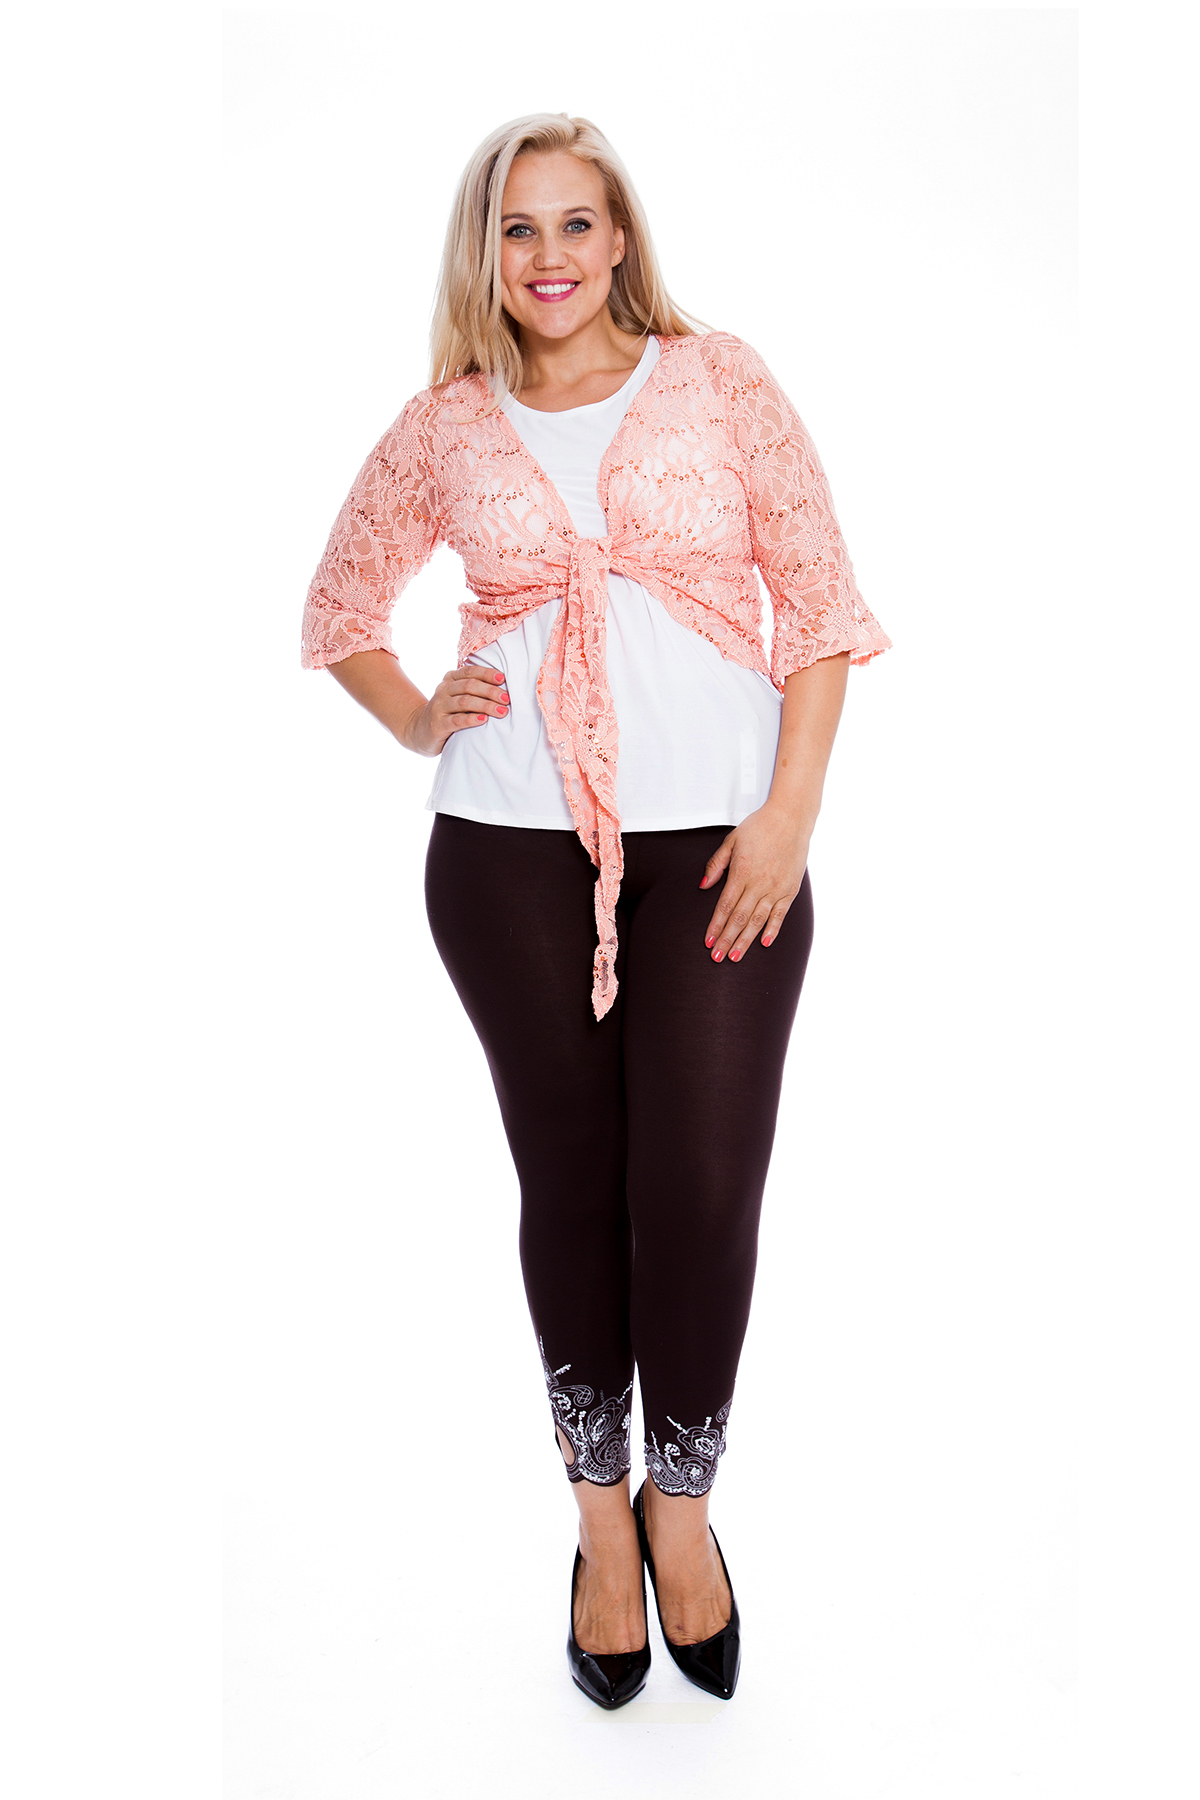 New Womens Shrug Plus Size Ladies Floral Lace Front Tie Sequin Top Nouvelle